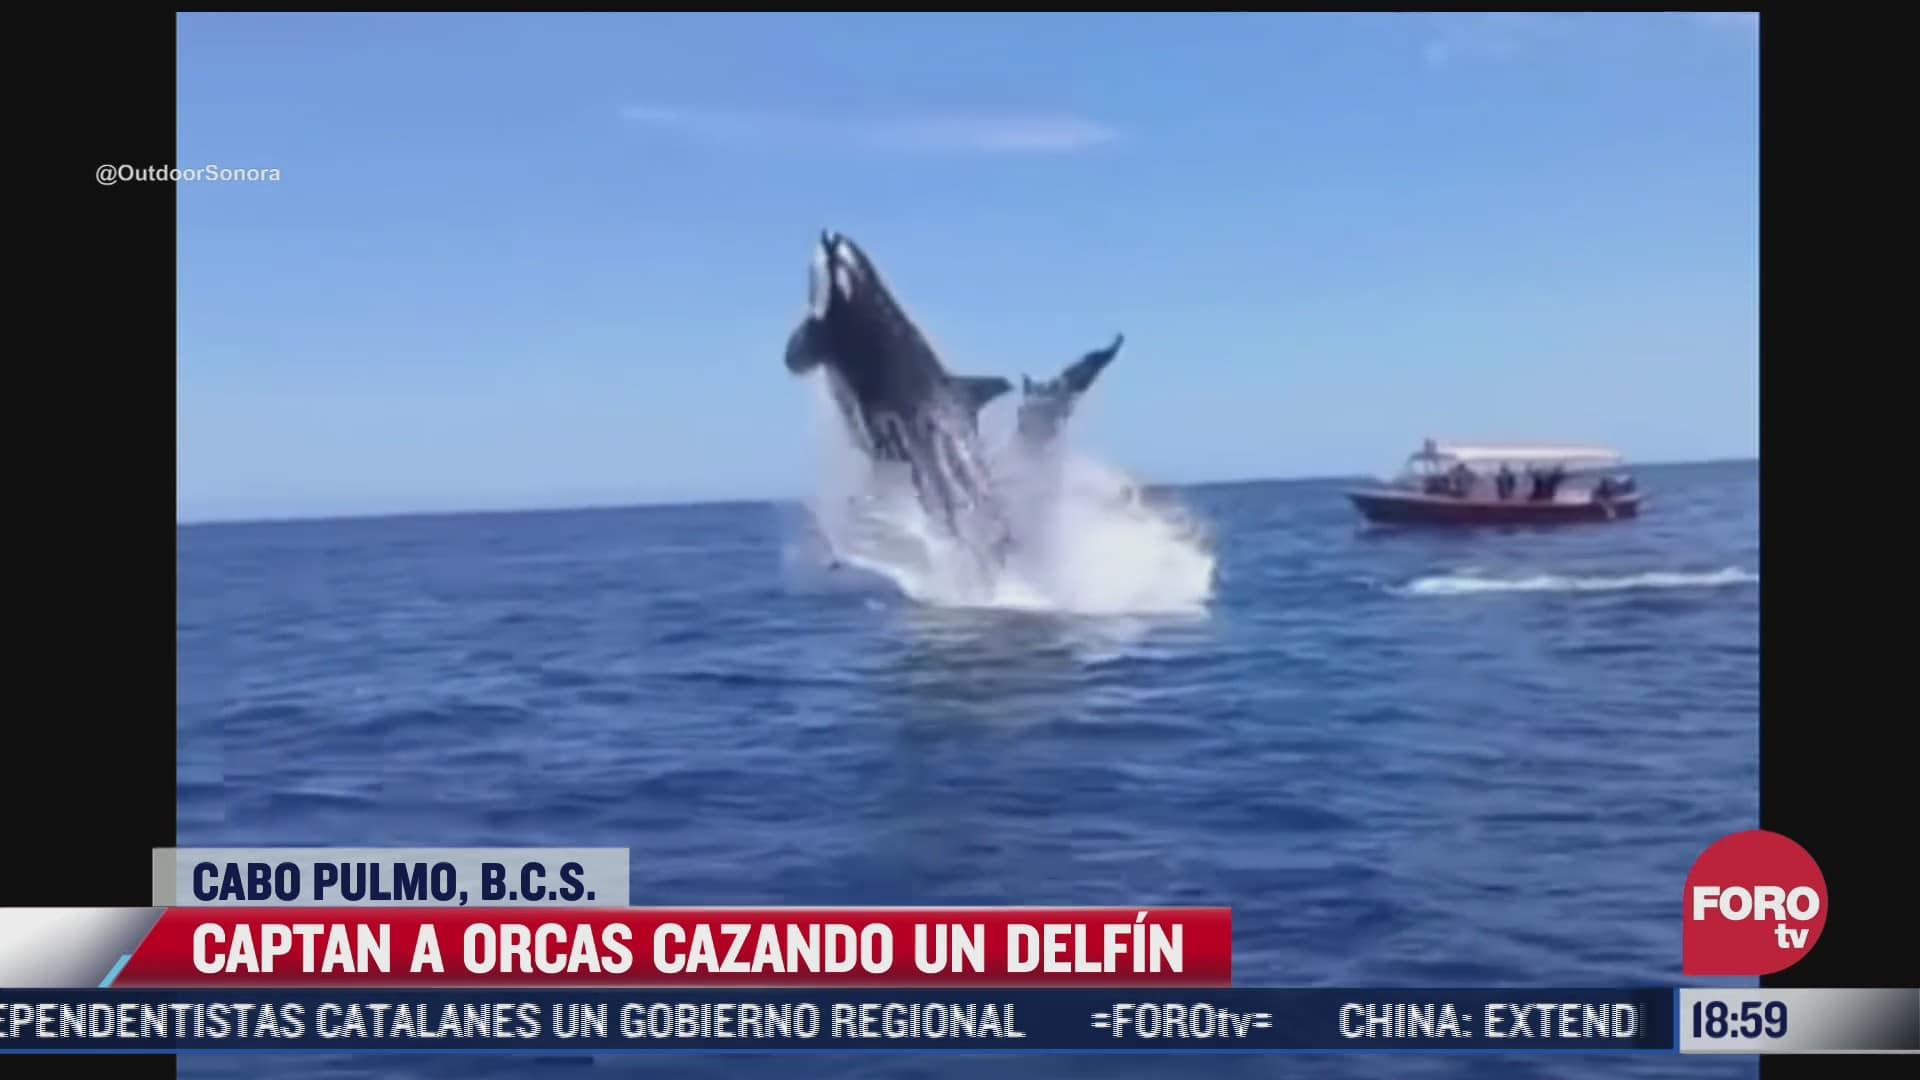 captan a orcas cazando a un delfin en cabo pulmo